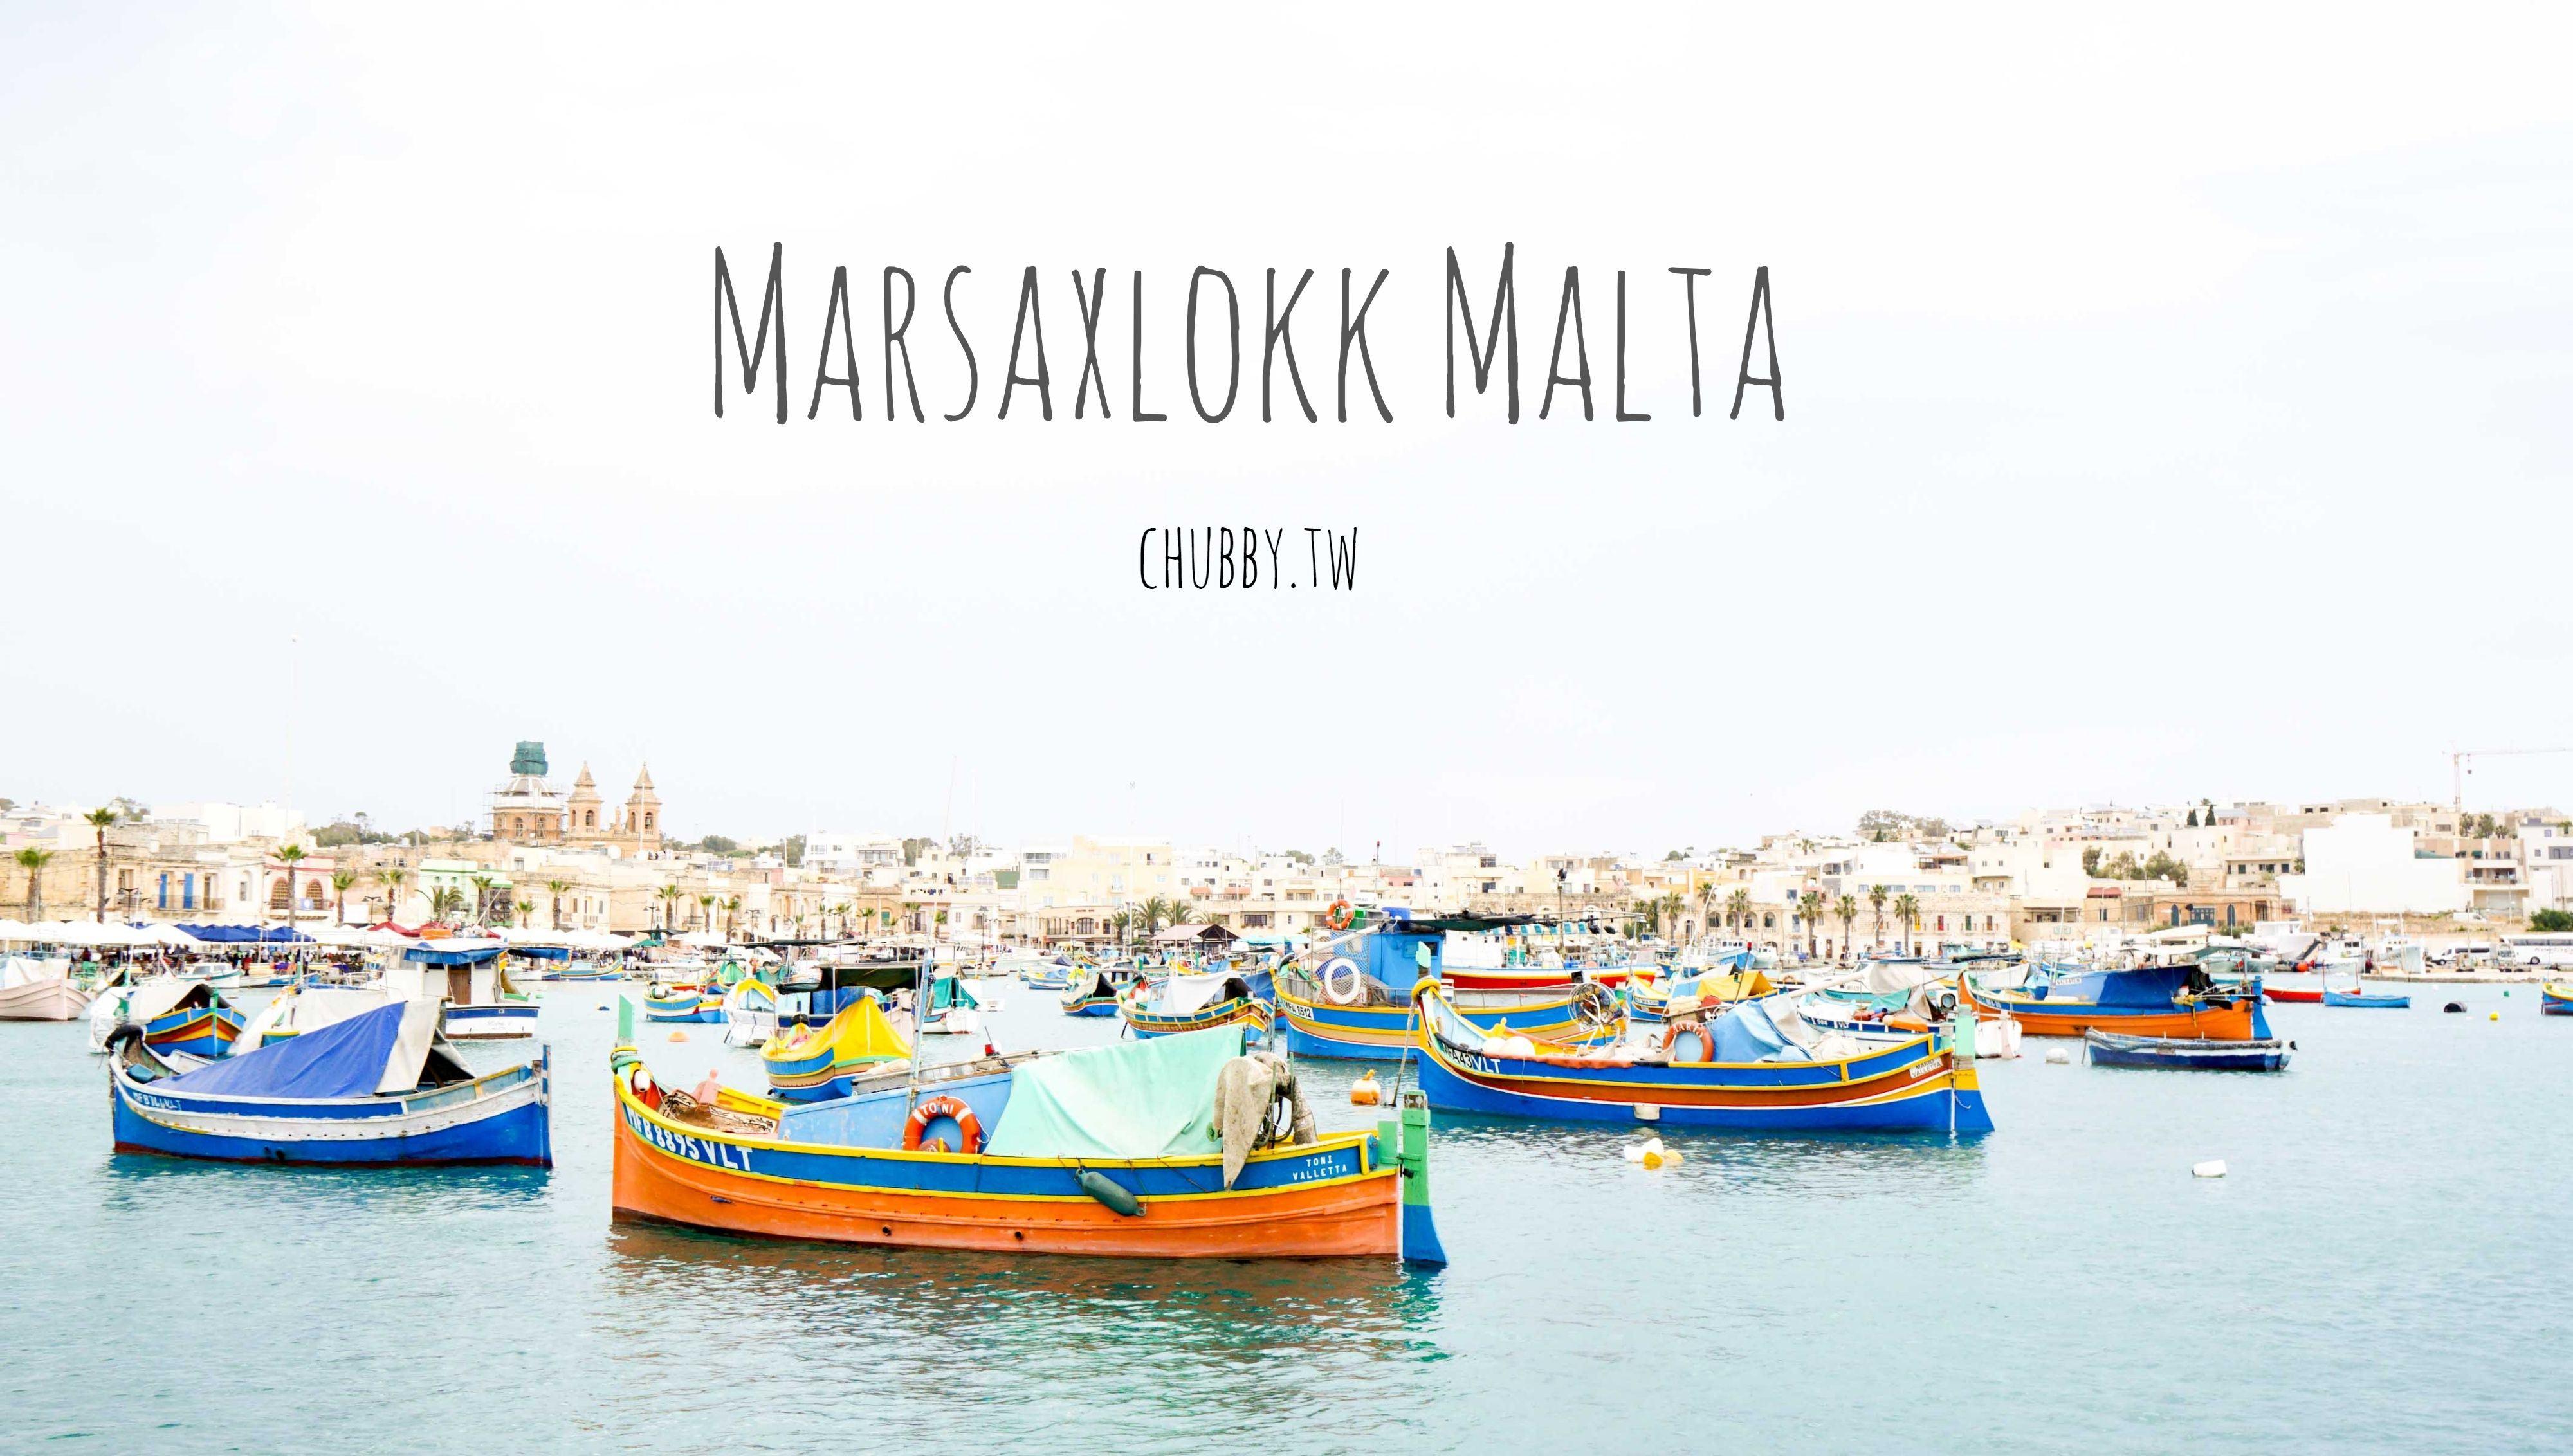 馬爾他旅遊景點推薦│超美麗的Marsaxlokk馬爾薩什洛克小漁村!繽紛小船與夕陽交映的美景、划算的海鮮大餐!